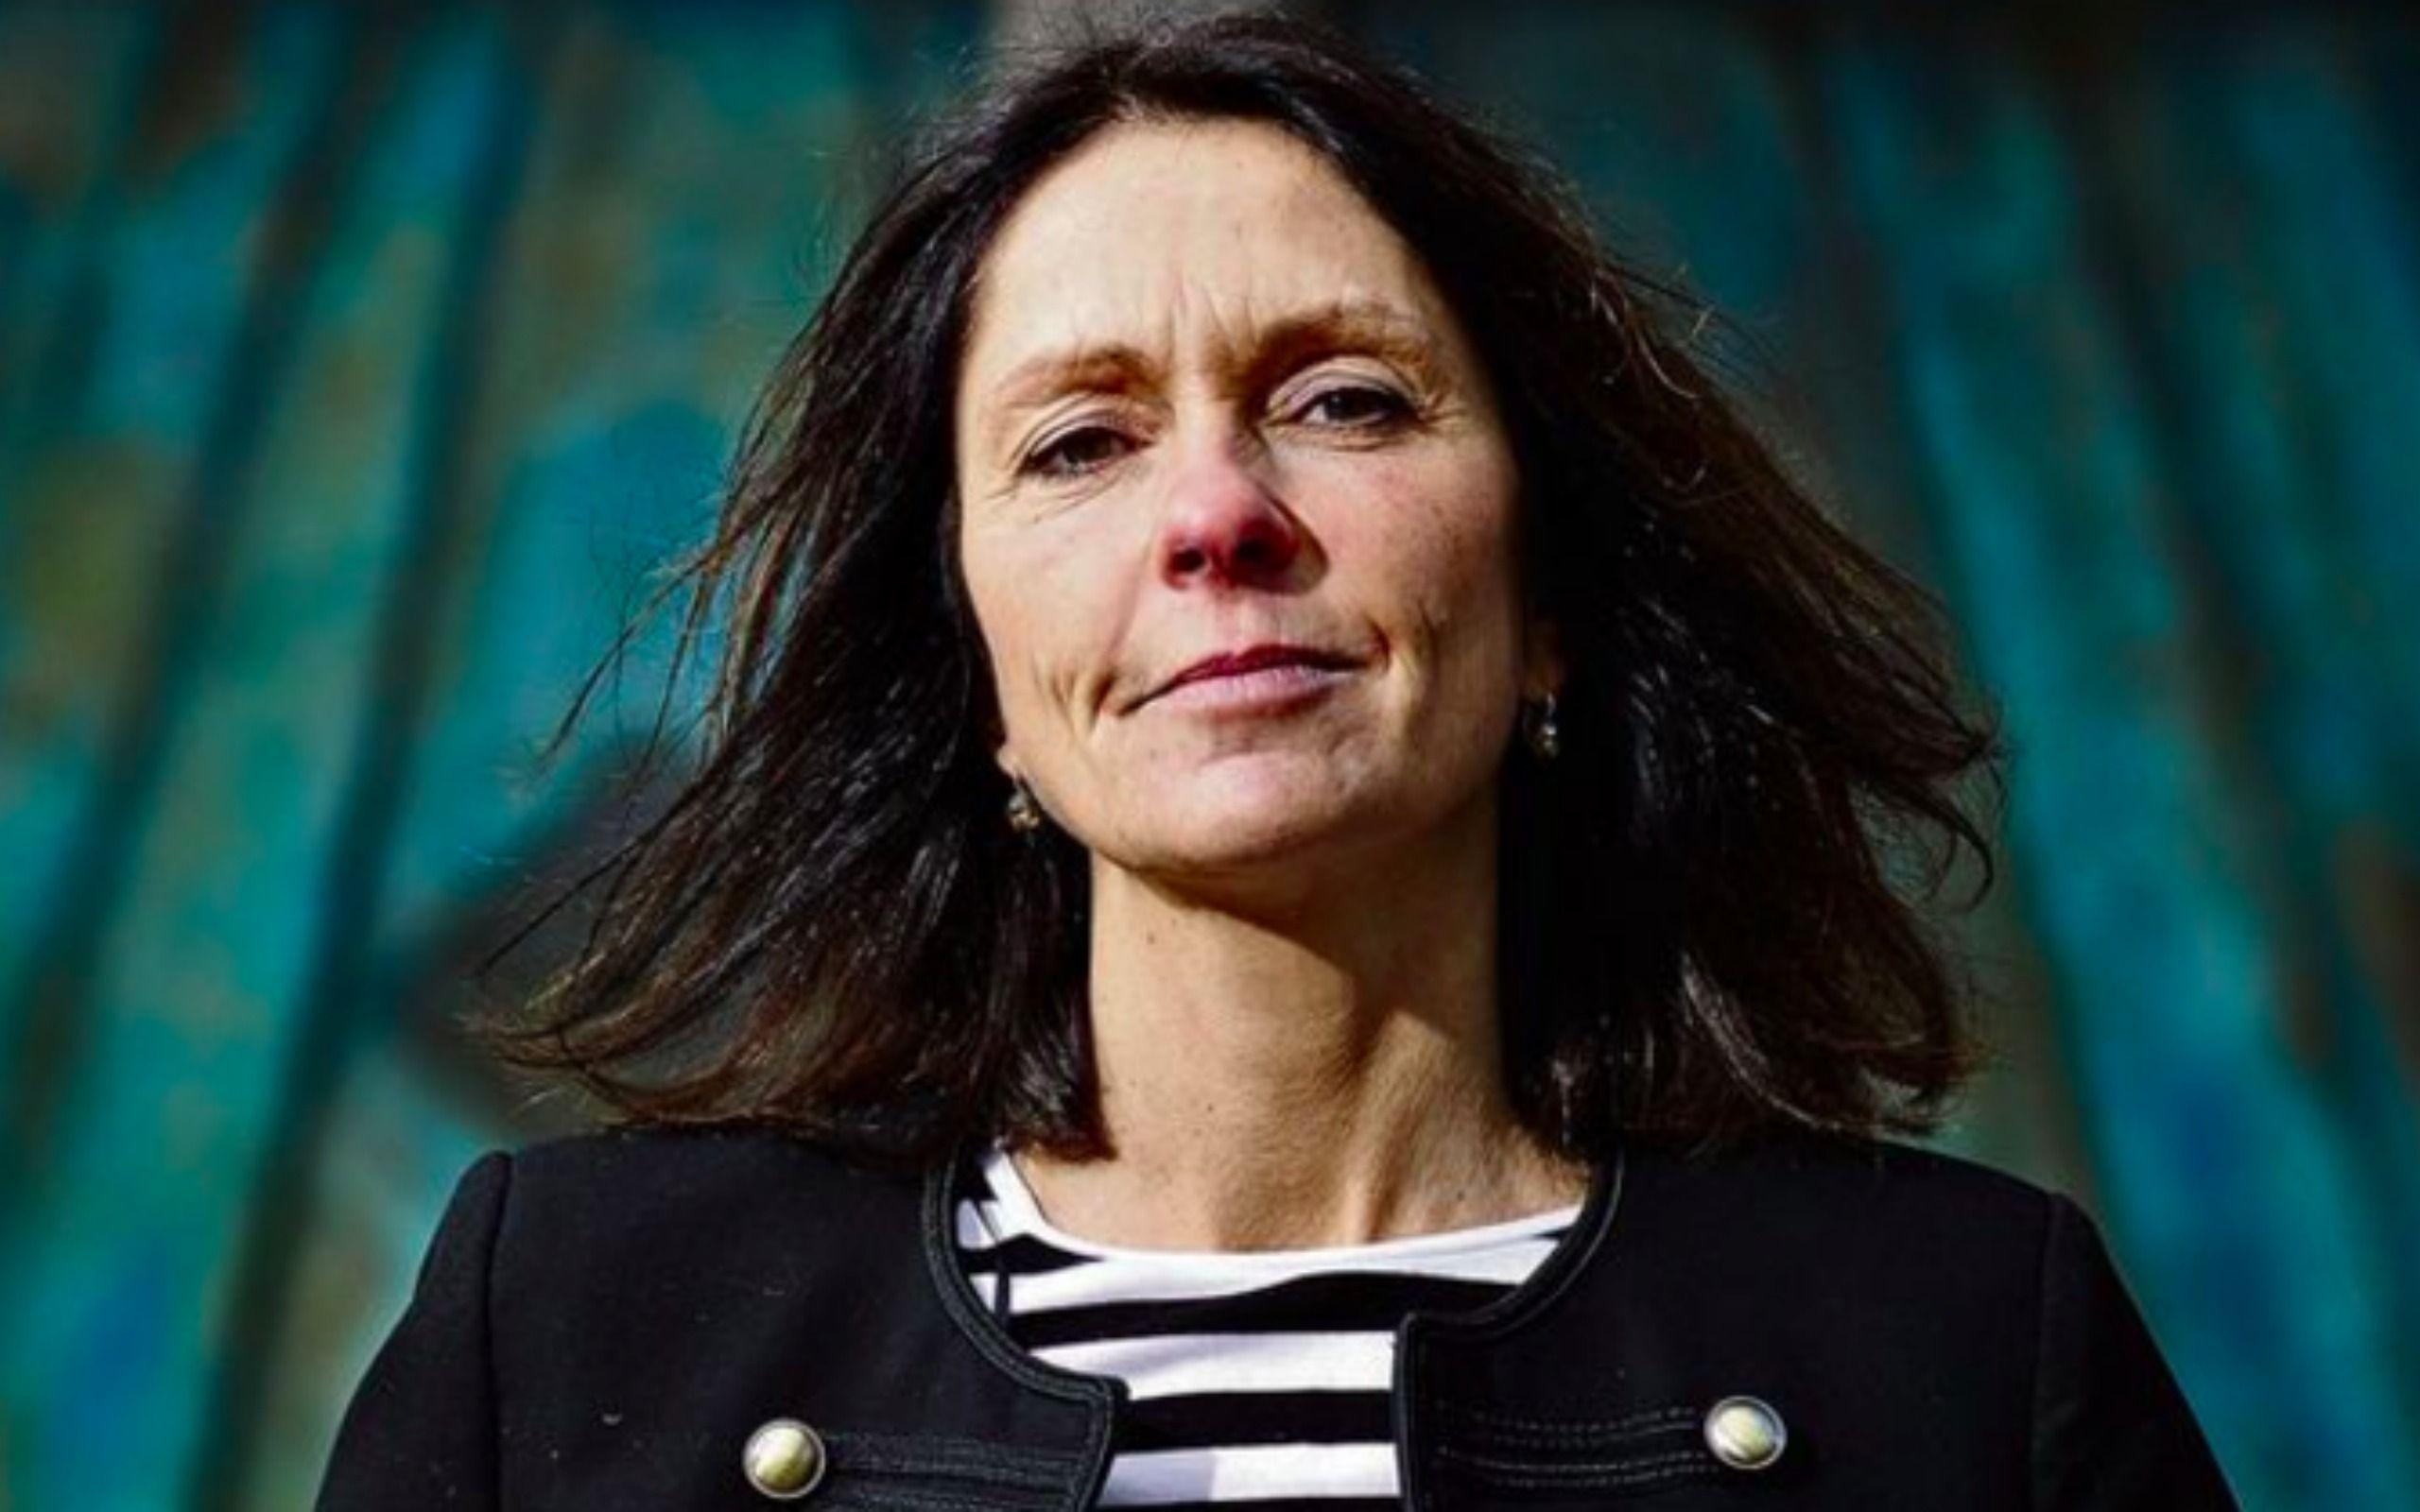 Anja den Bok: 'Ik bemin en wil bemind worden in de volheid van mijn wezen' | Lazarus magazine